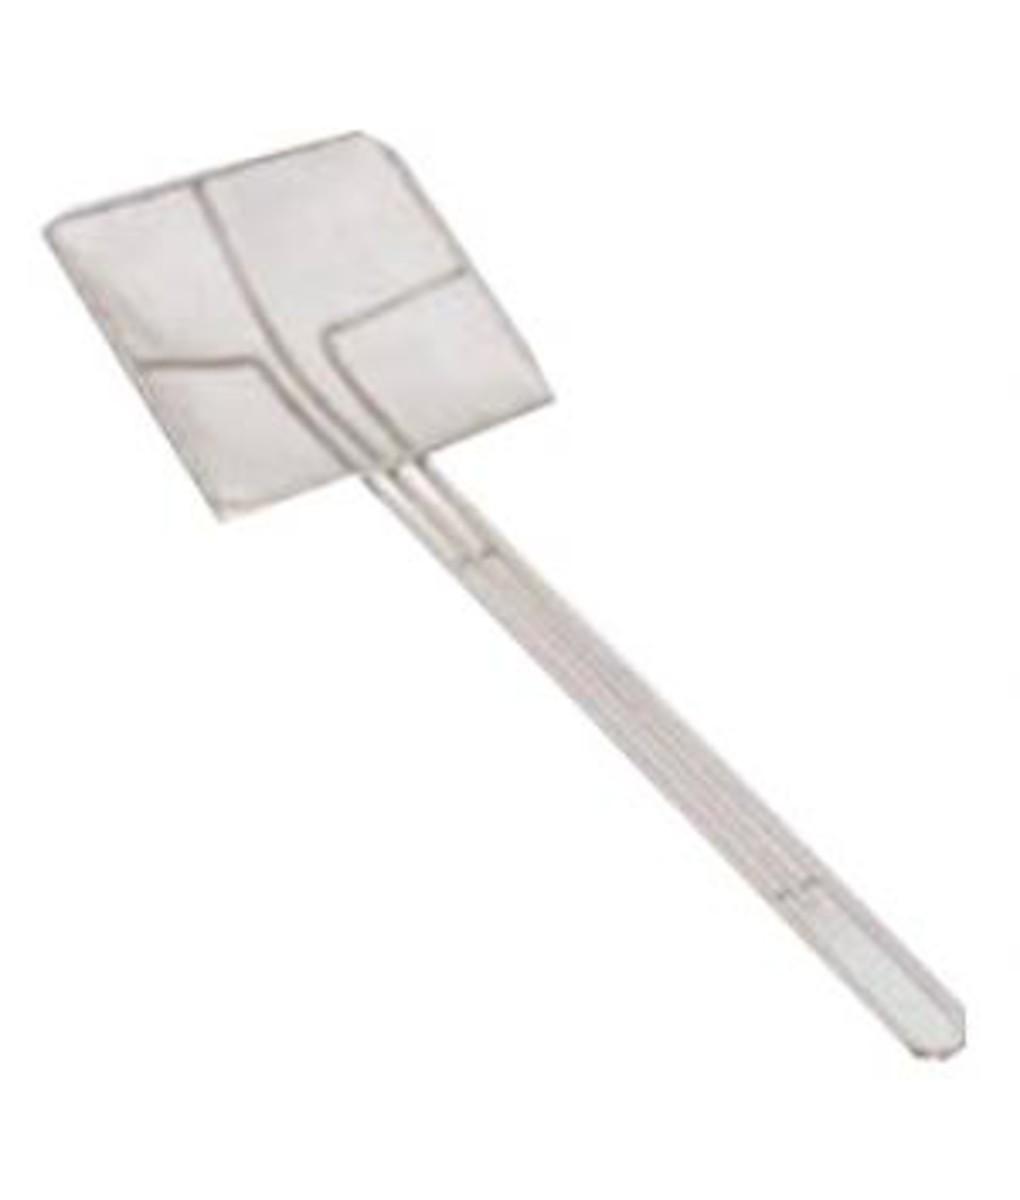 Fine mesh square skimmer